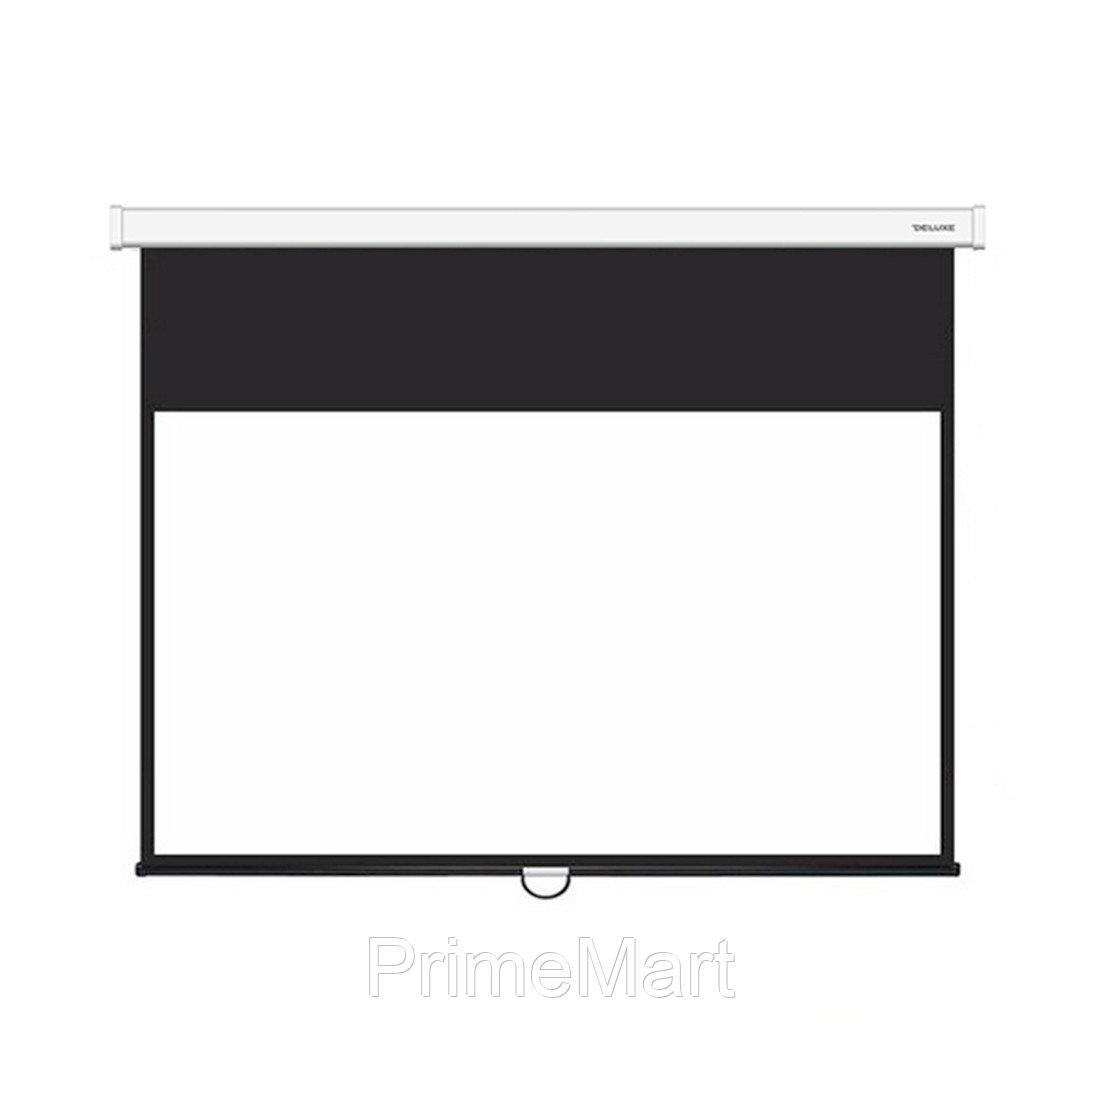 Экран механический, Deluxe, Настенный/потолочный, Рабочая поверхность 266х266 см., 1:1, Matt white, Чёрный